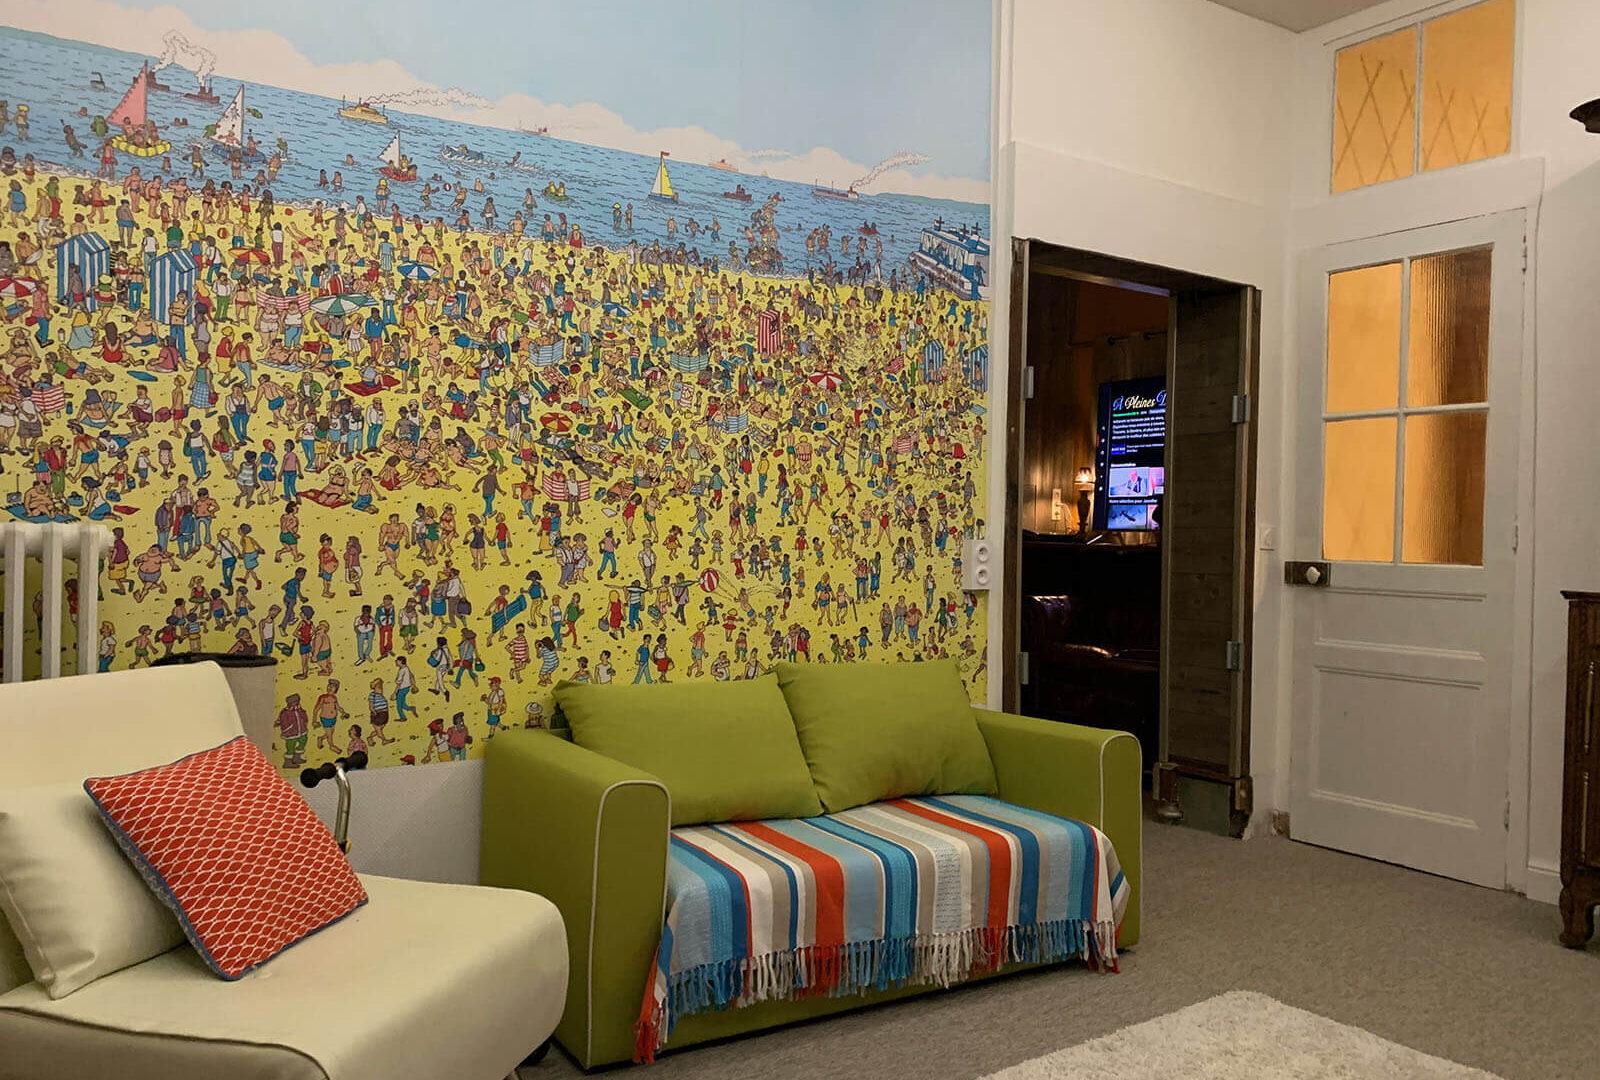 Villa dei 1600x1080 - SALLE DE JEUX - Location de Gite La Clef Decamp - Laclefdecamp.fr